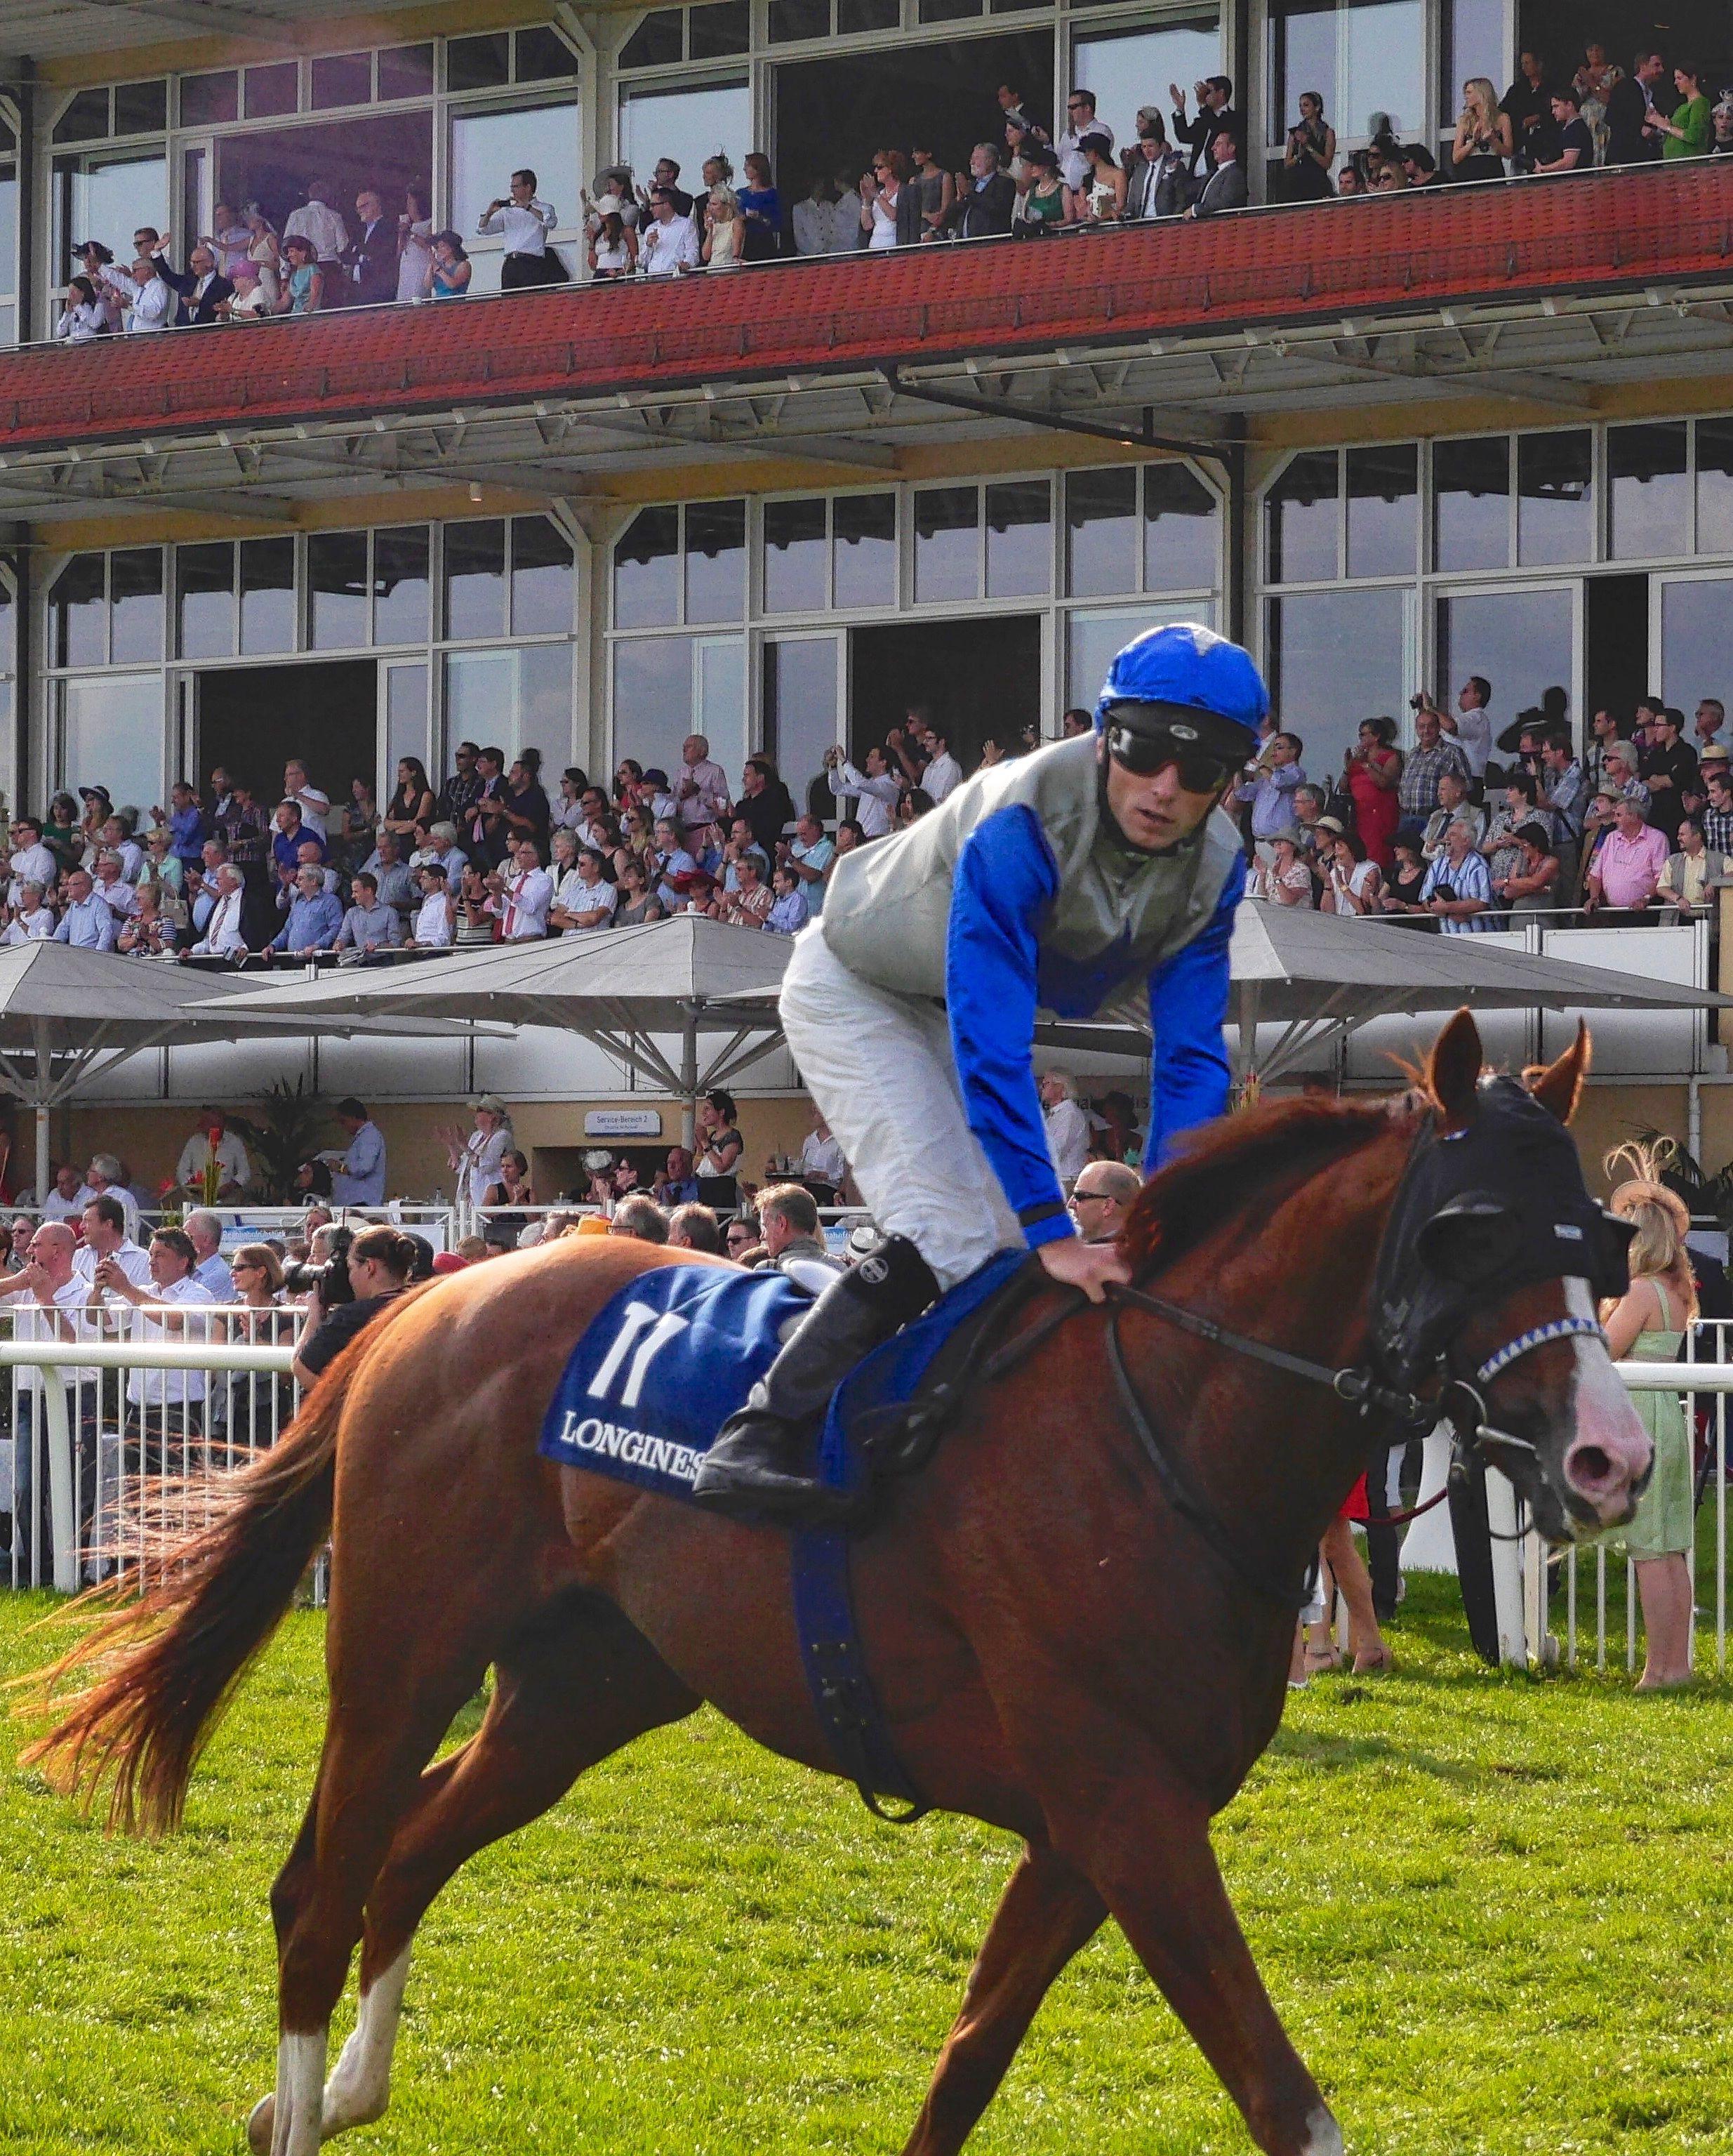 Pferd und Reiterin auf der Eurocheval in fenburg